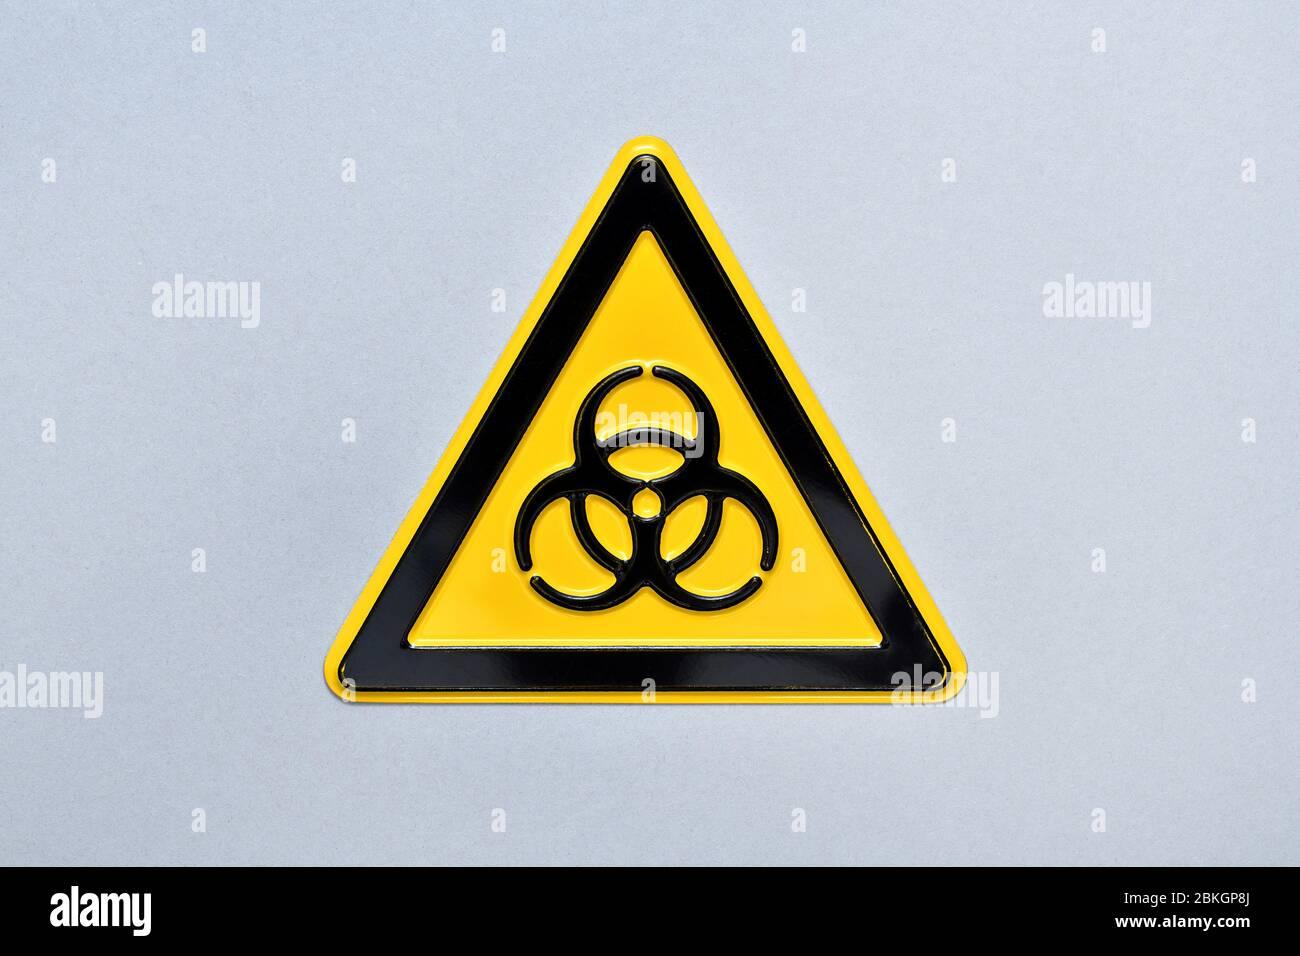 Biogefährdungsschild, Cut, Symbol Photo coronavirus crisis  /  Biogefährdungsschild, Freisteller, Symbolfoto Coronavirus-Krise Stock Photo